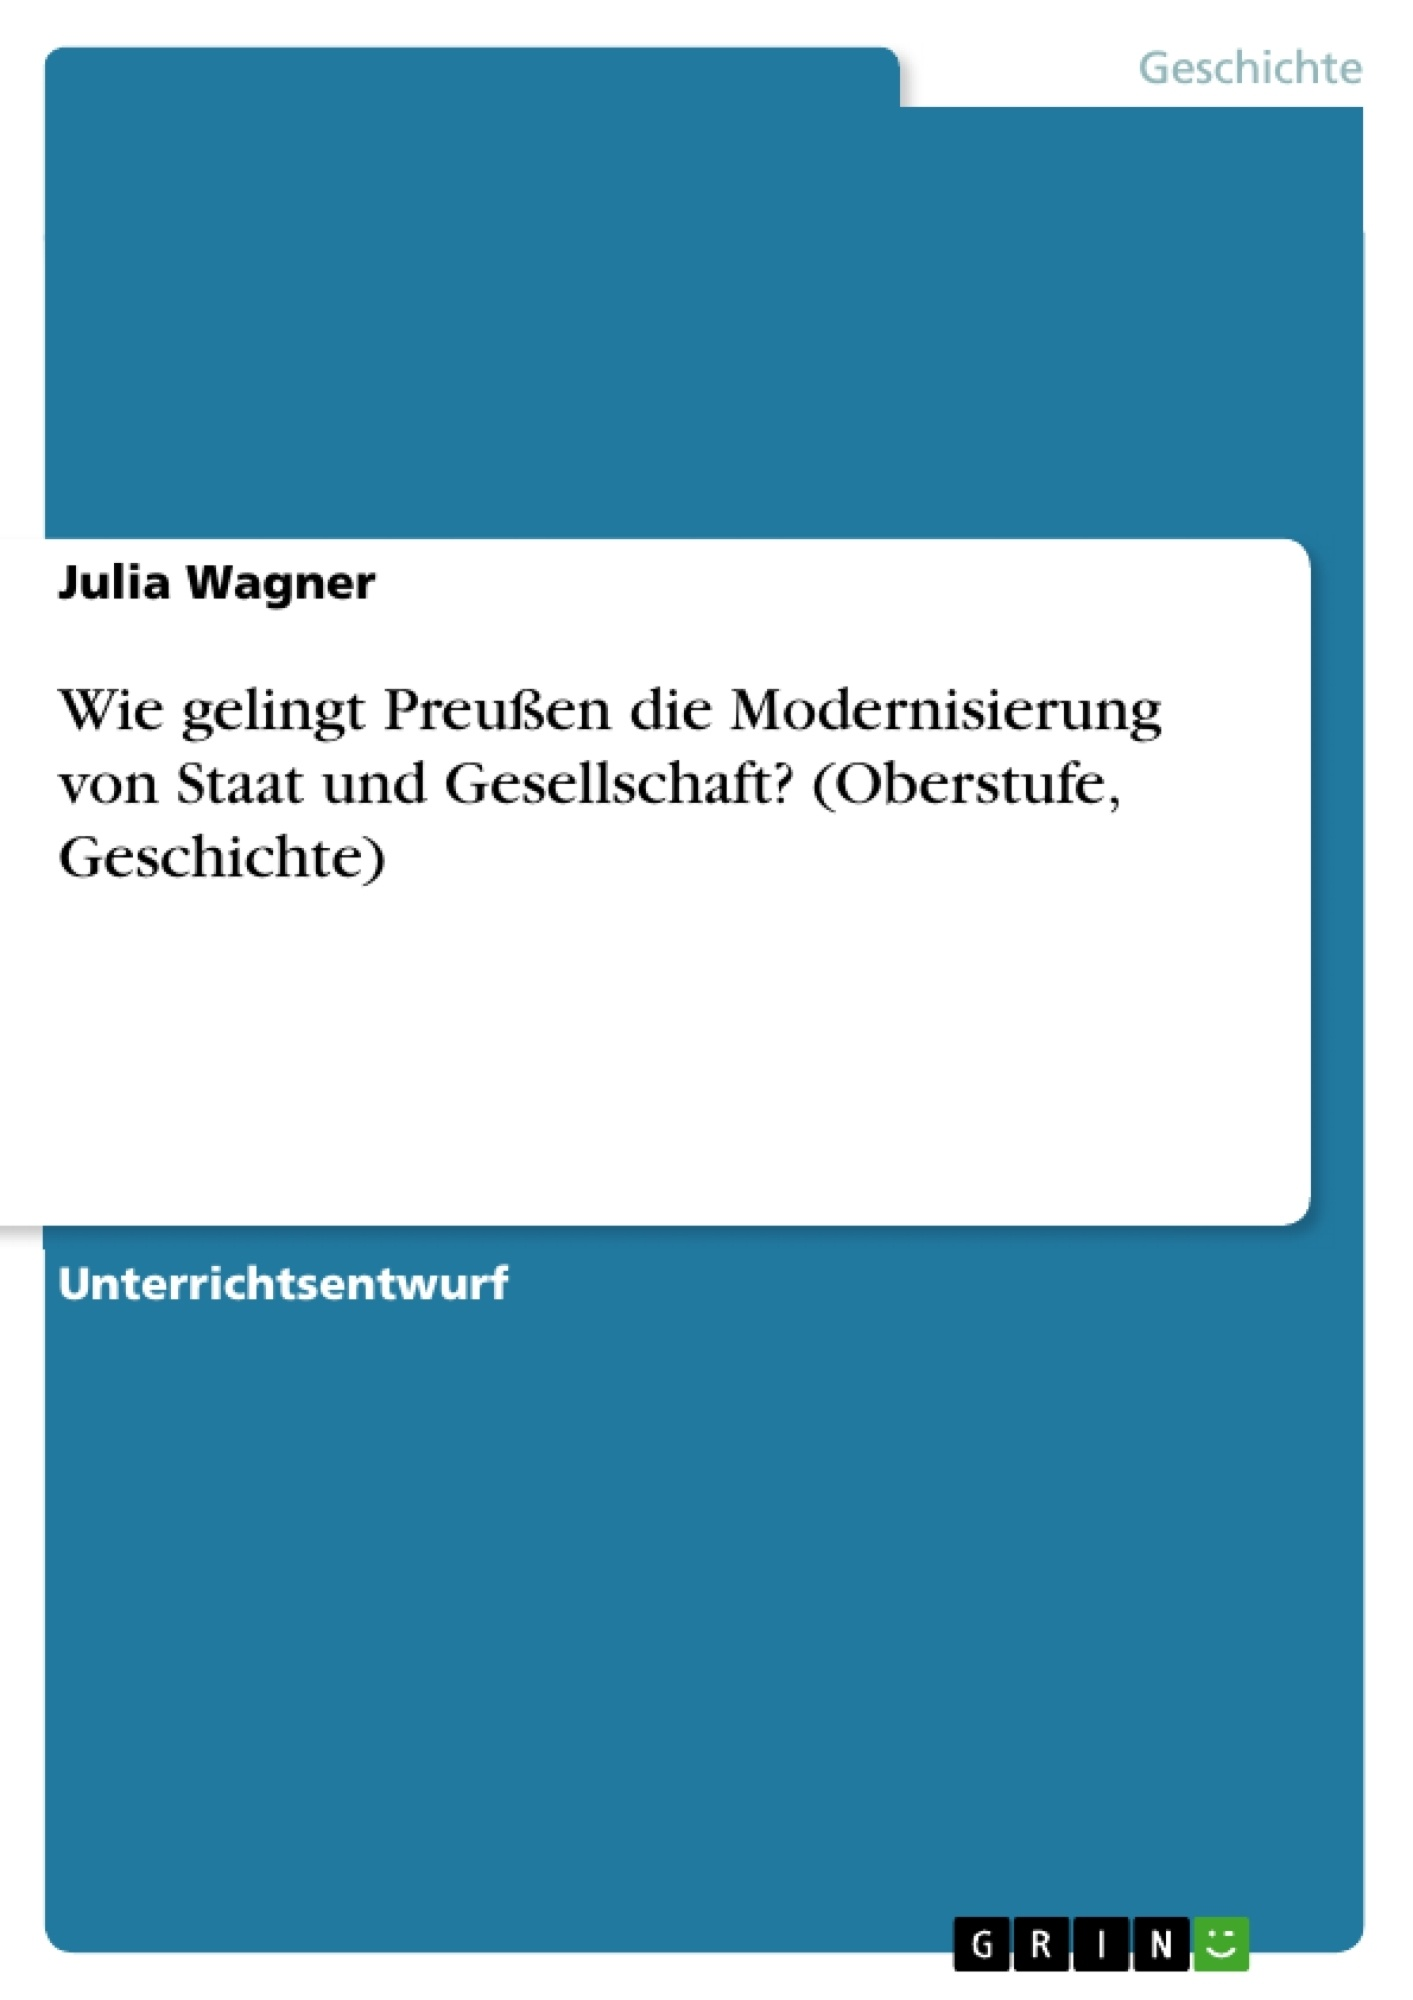 Titel: Wie gelingt Preußen die Modernisierung von Staat und Gesellschaft? (Oberstufe, Geschichte)